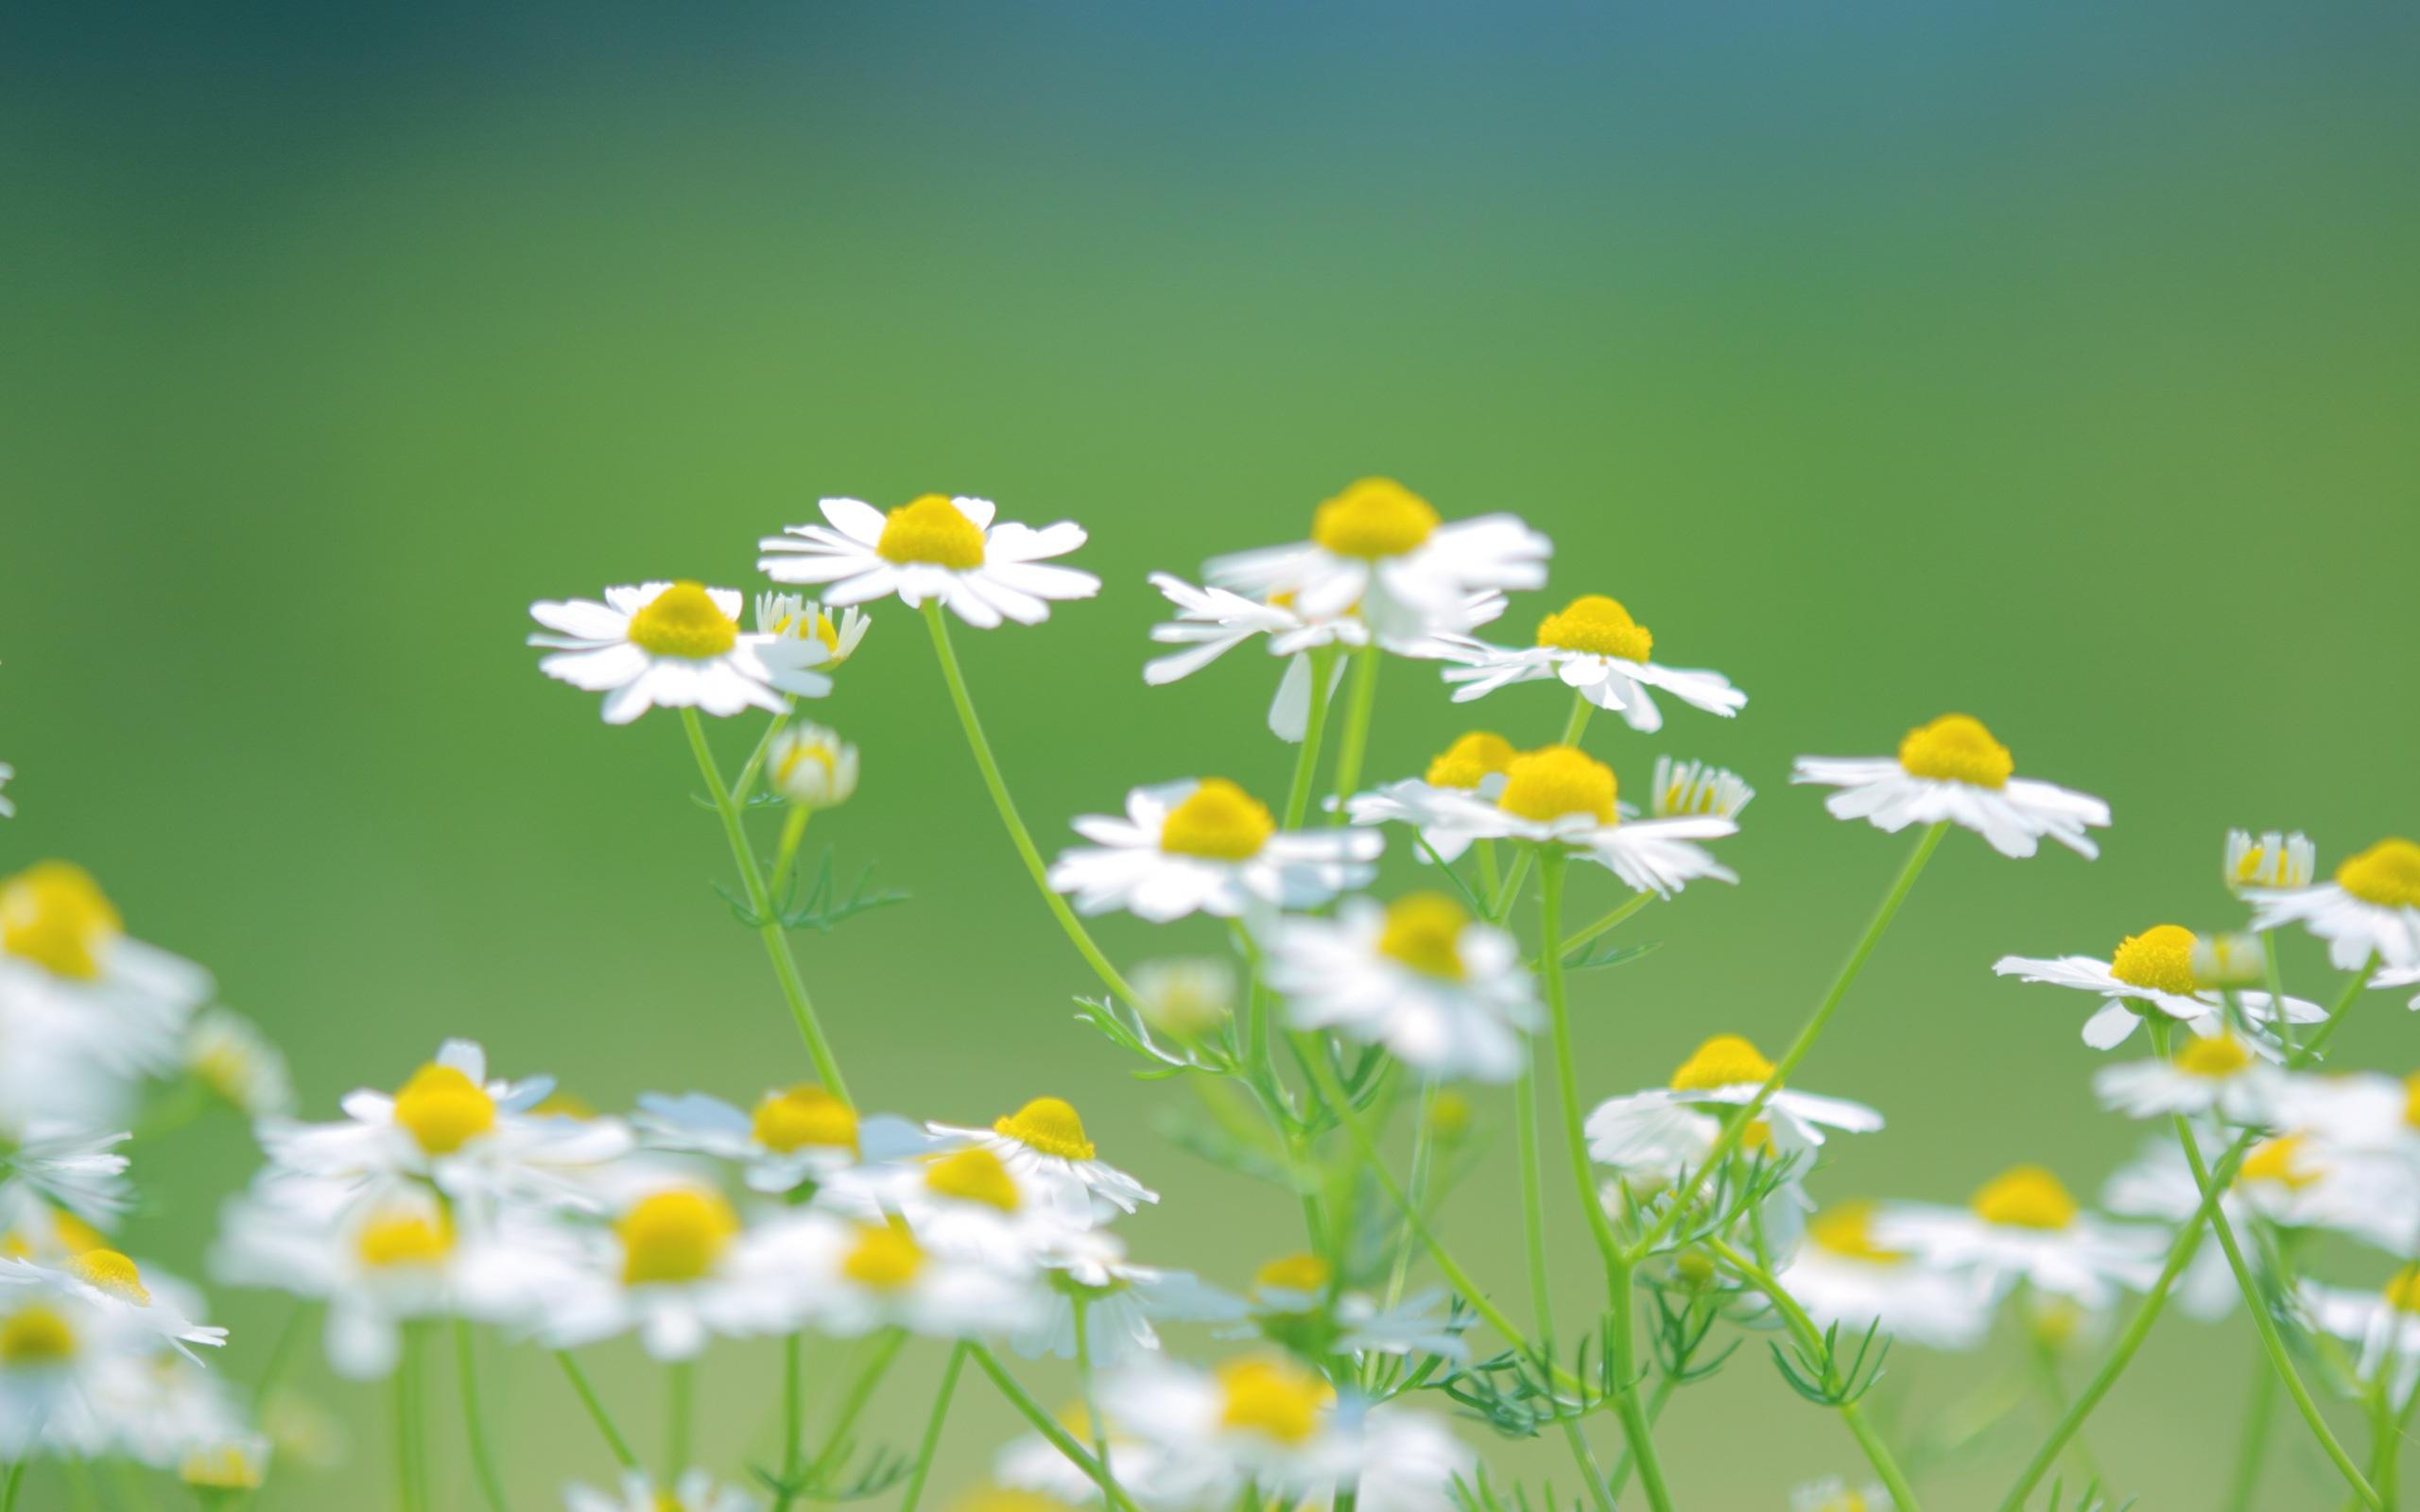 ромашки трава chamomile grass  № 3837863 без смс